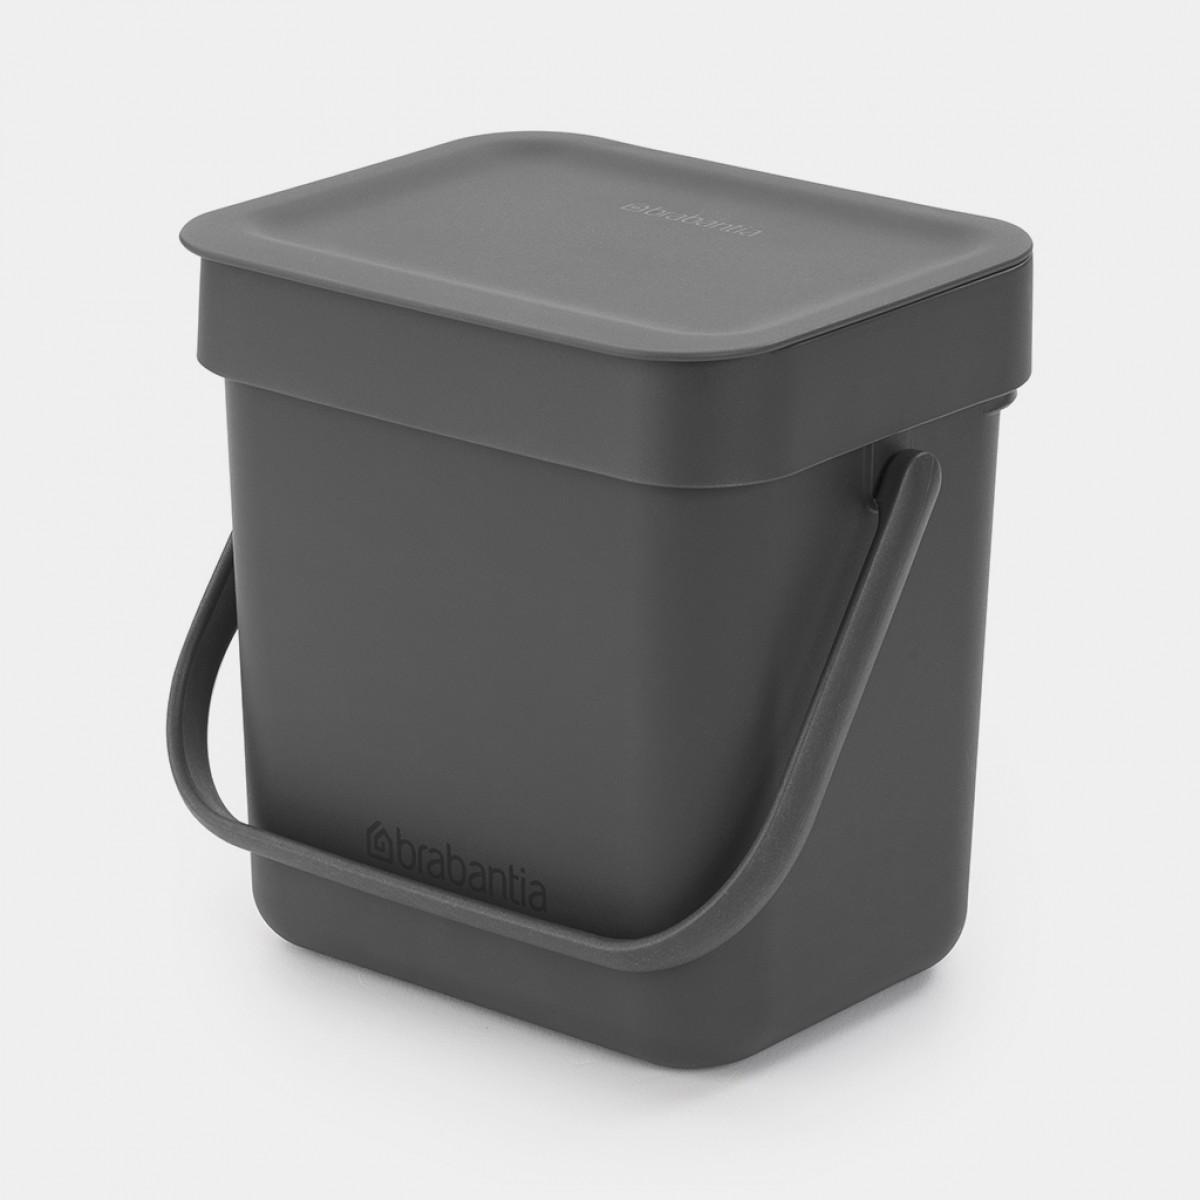 BRABANTIA Affaldsspand m/ låg - affaldssortering.. 3 ltr. gråsort